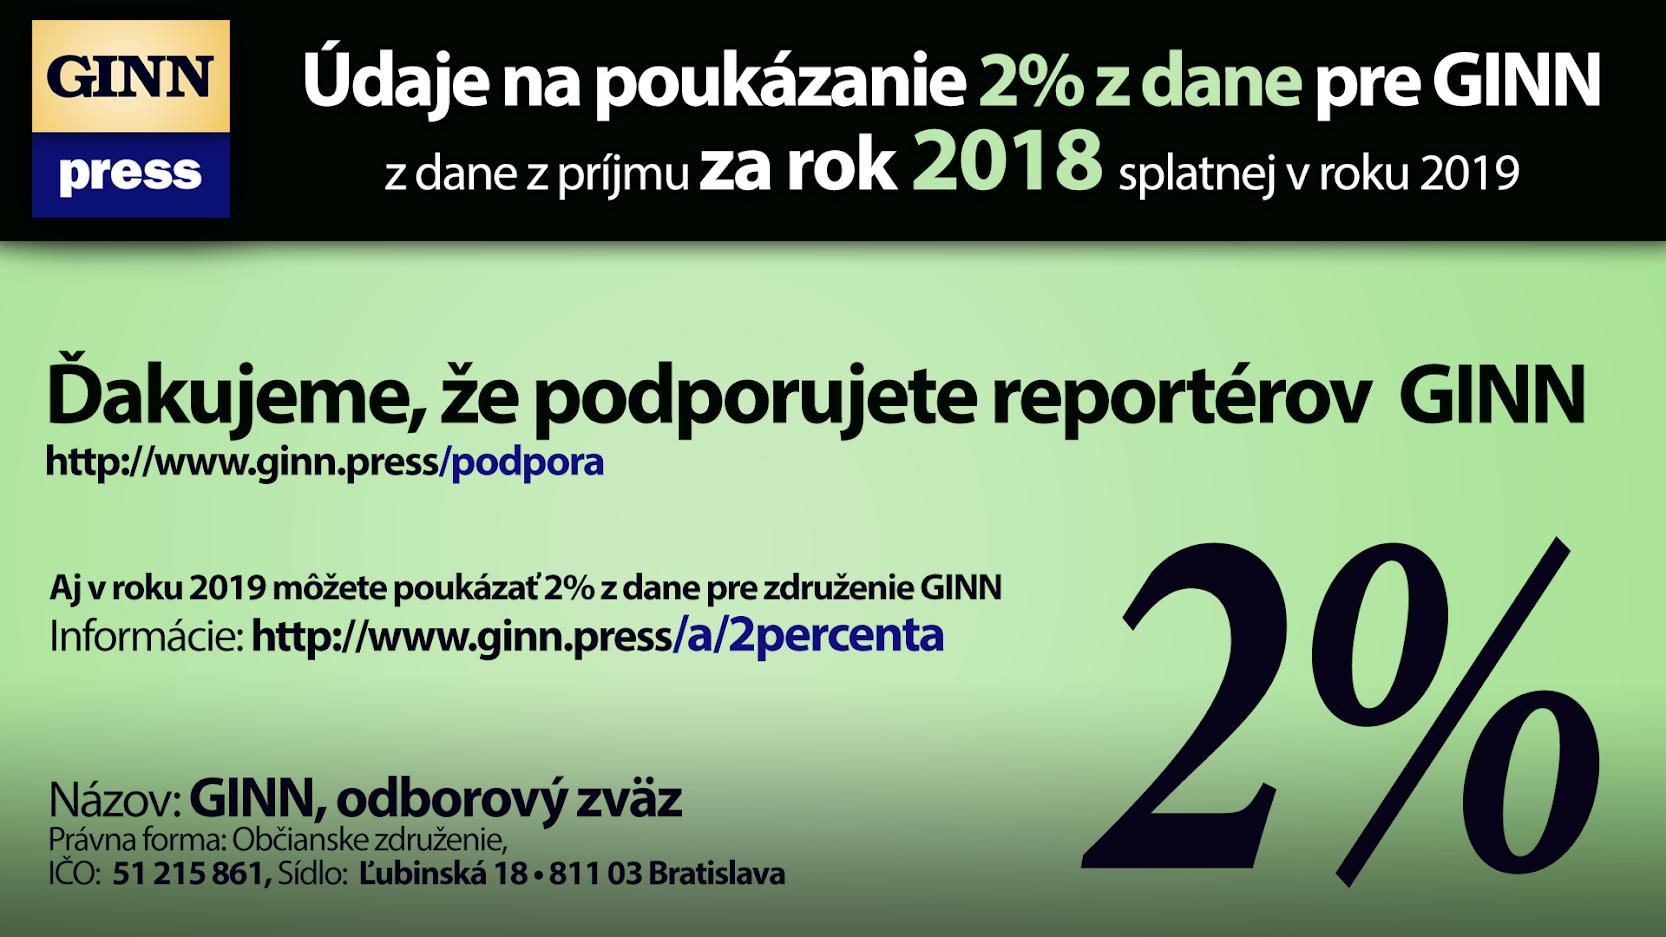 Údaje na poukázanie 2% z dane za rok 2019 pre GINN.PRESS, Martin Daňo